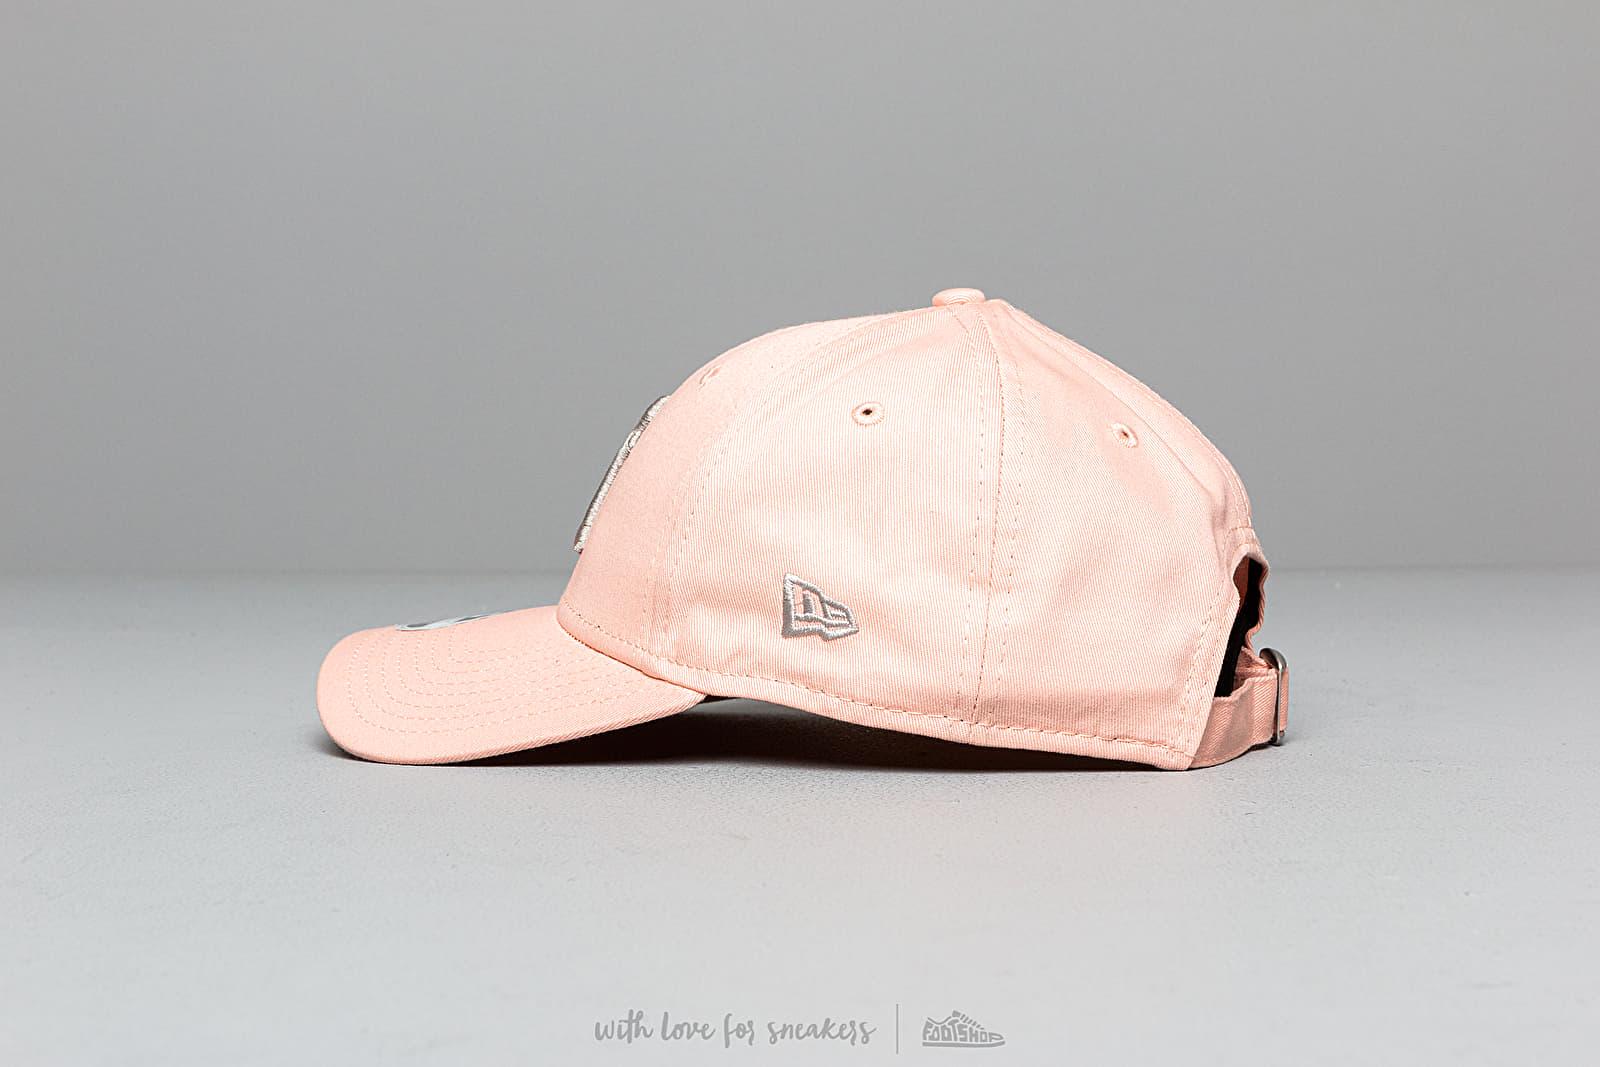 c2b58ec6 9forty mlb cap